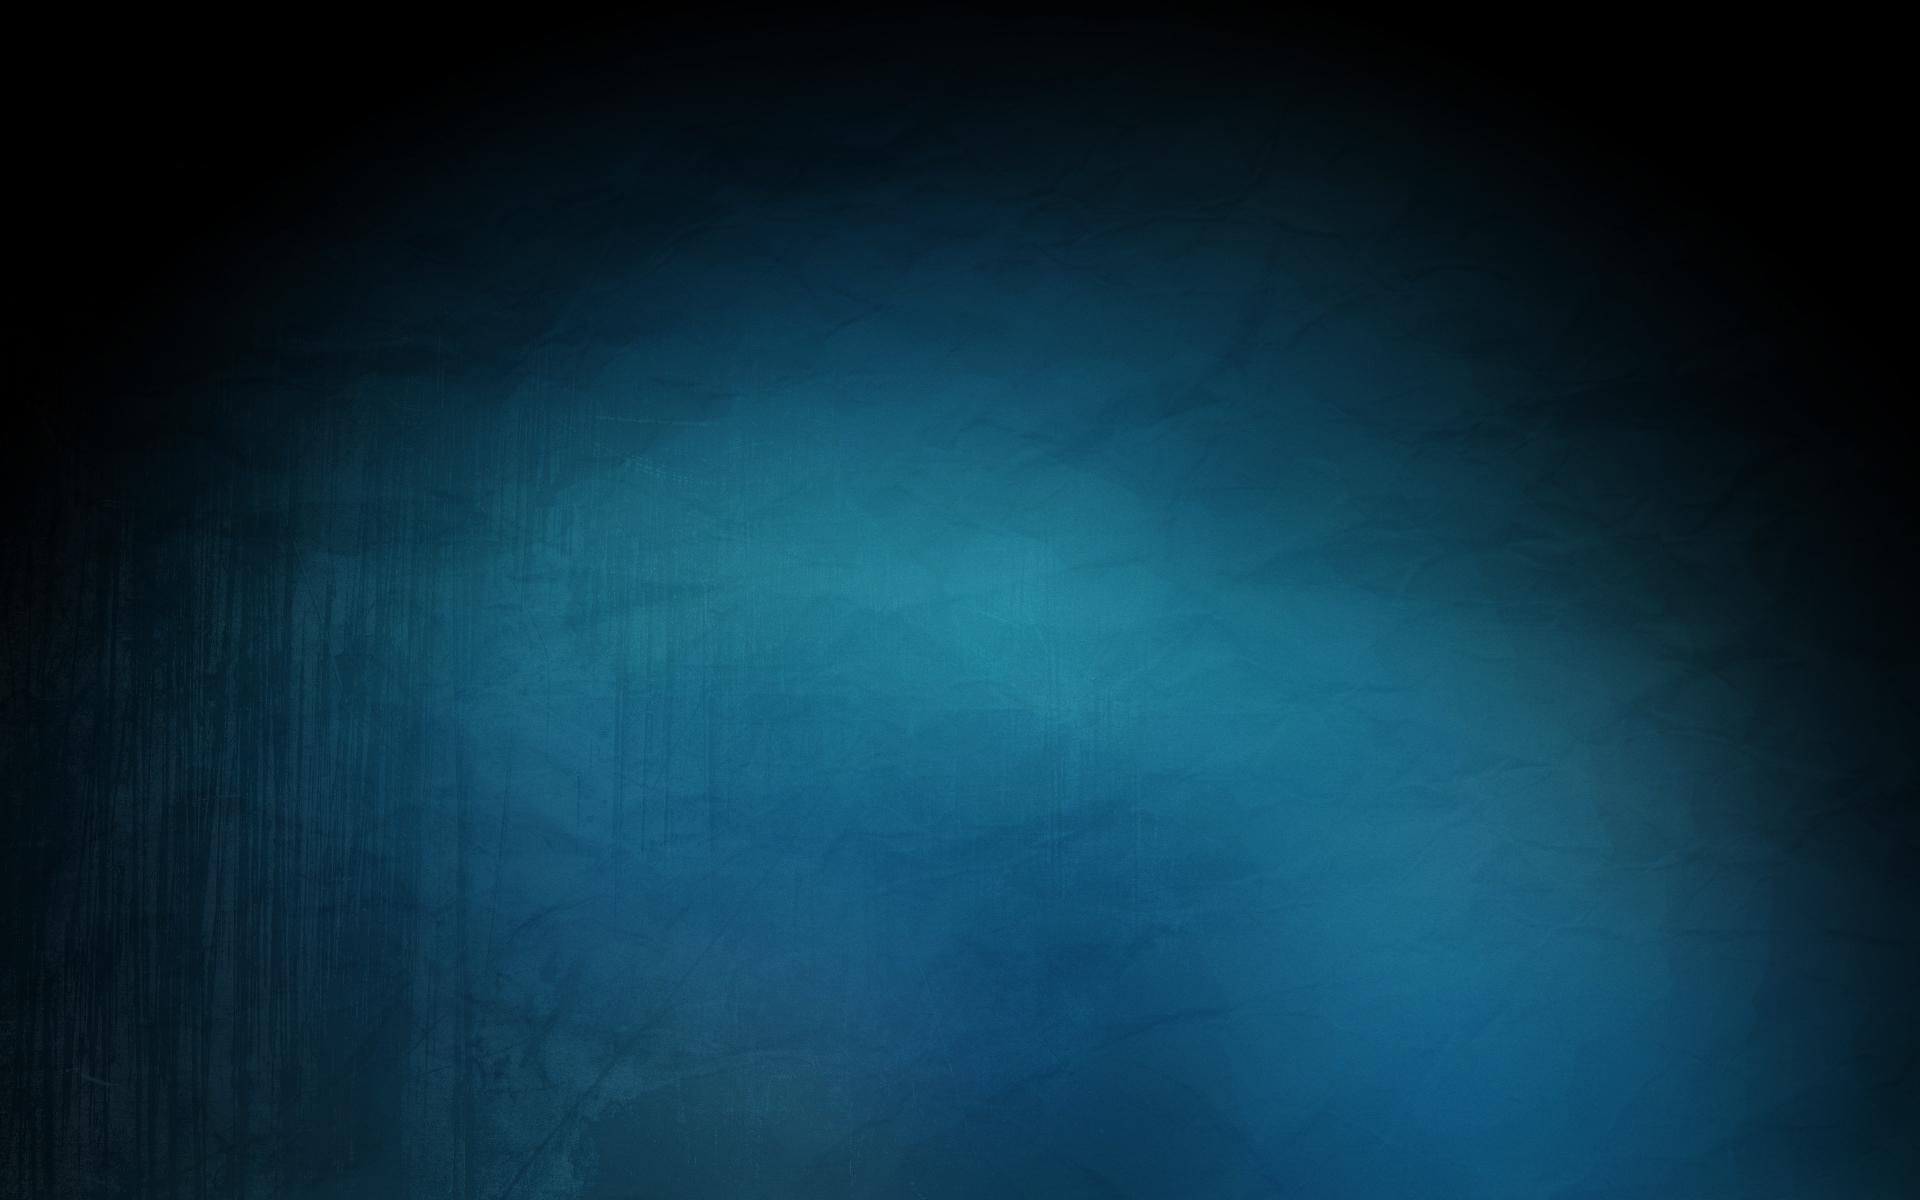 Mr Robot Wallpaper Mr Robot Wallpaper Blue 388269 Hd